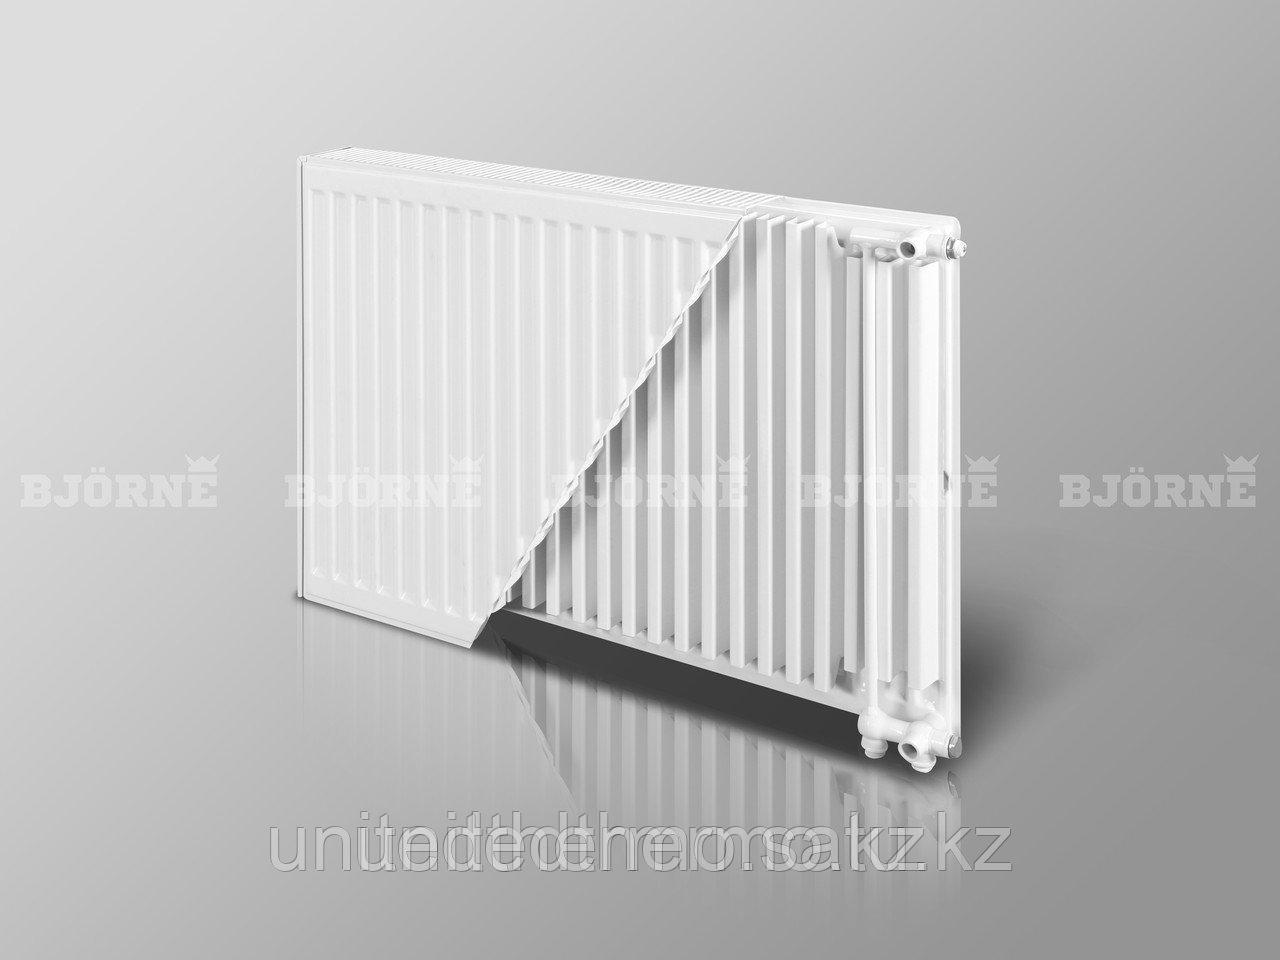 Стальной панельный радиатор Bjorne тип 22VK  H300мм*L1300мм нижнее подключение